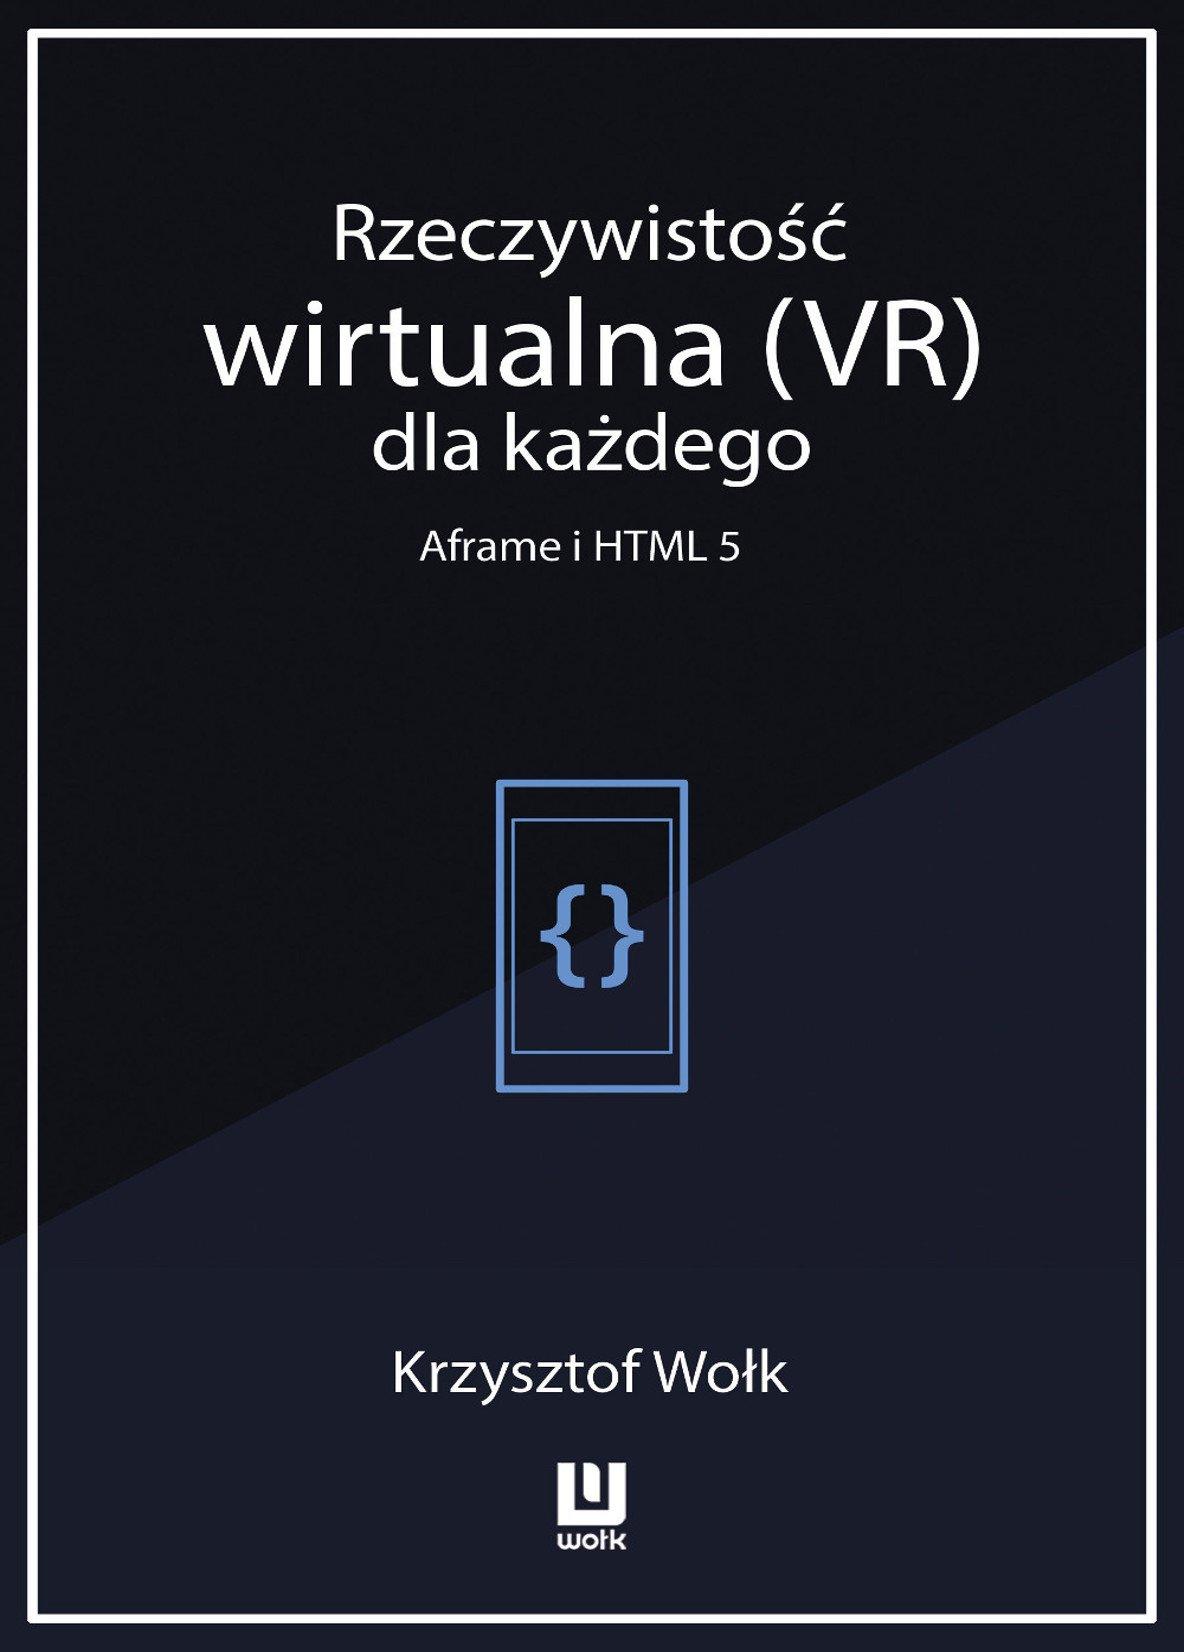 Rzeczywistość wirtualna (VR) dla każdego - Aframe i HTML 5 - Ebook (Książka PDF) do pobrania w formacie PDF